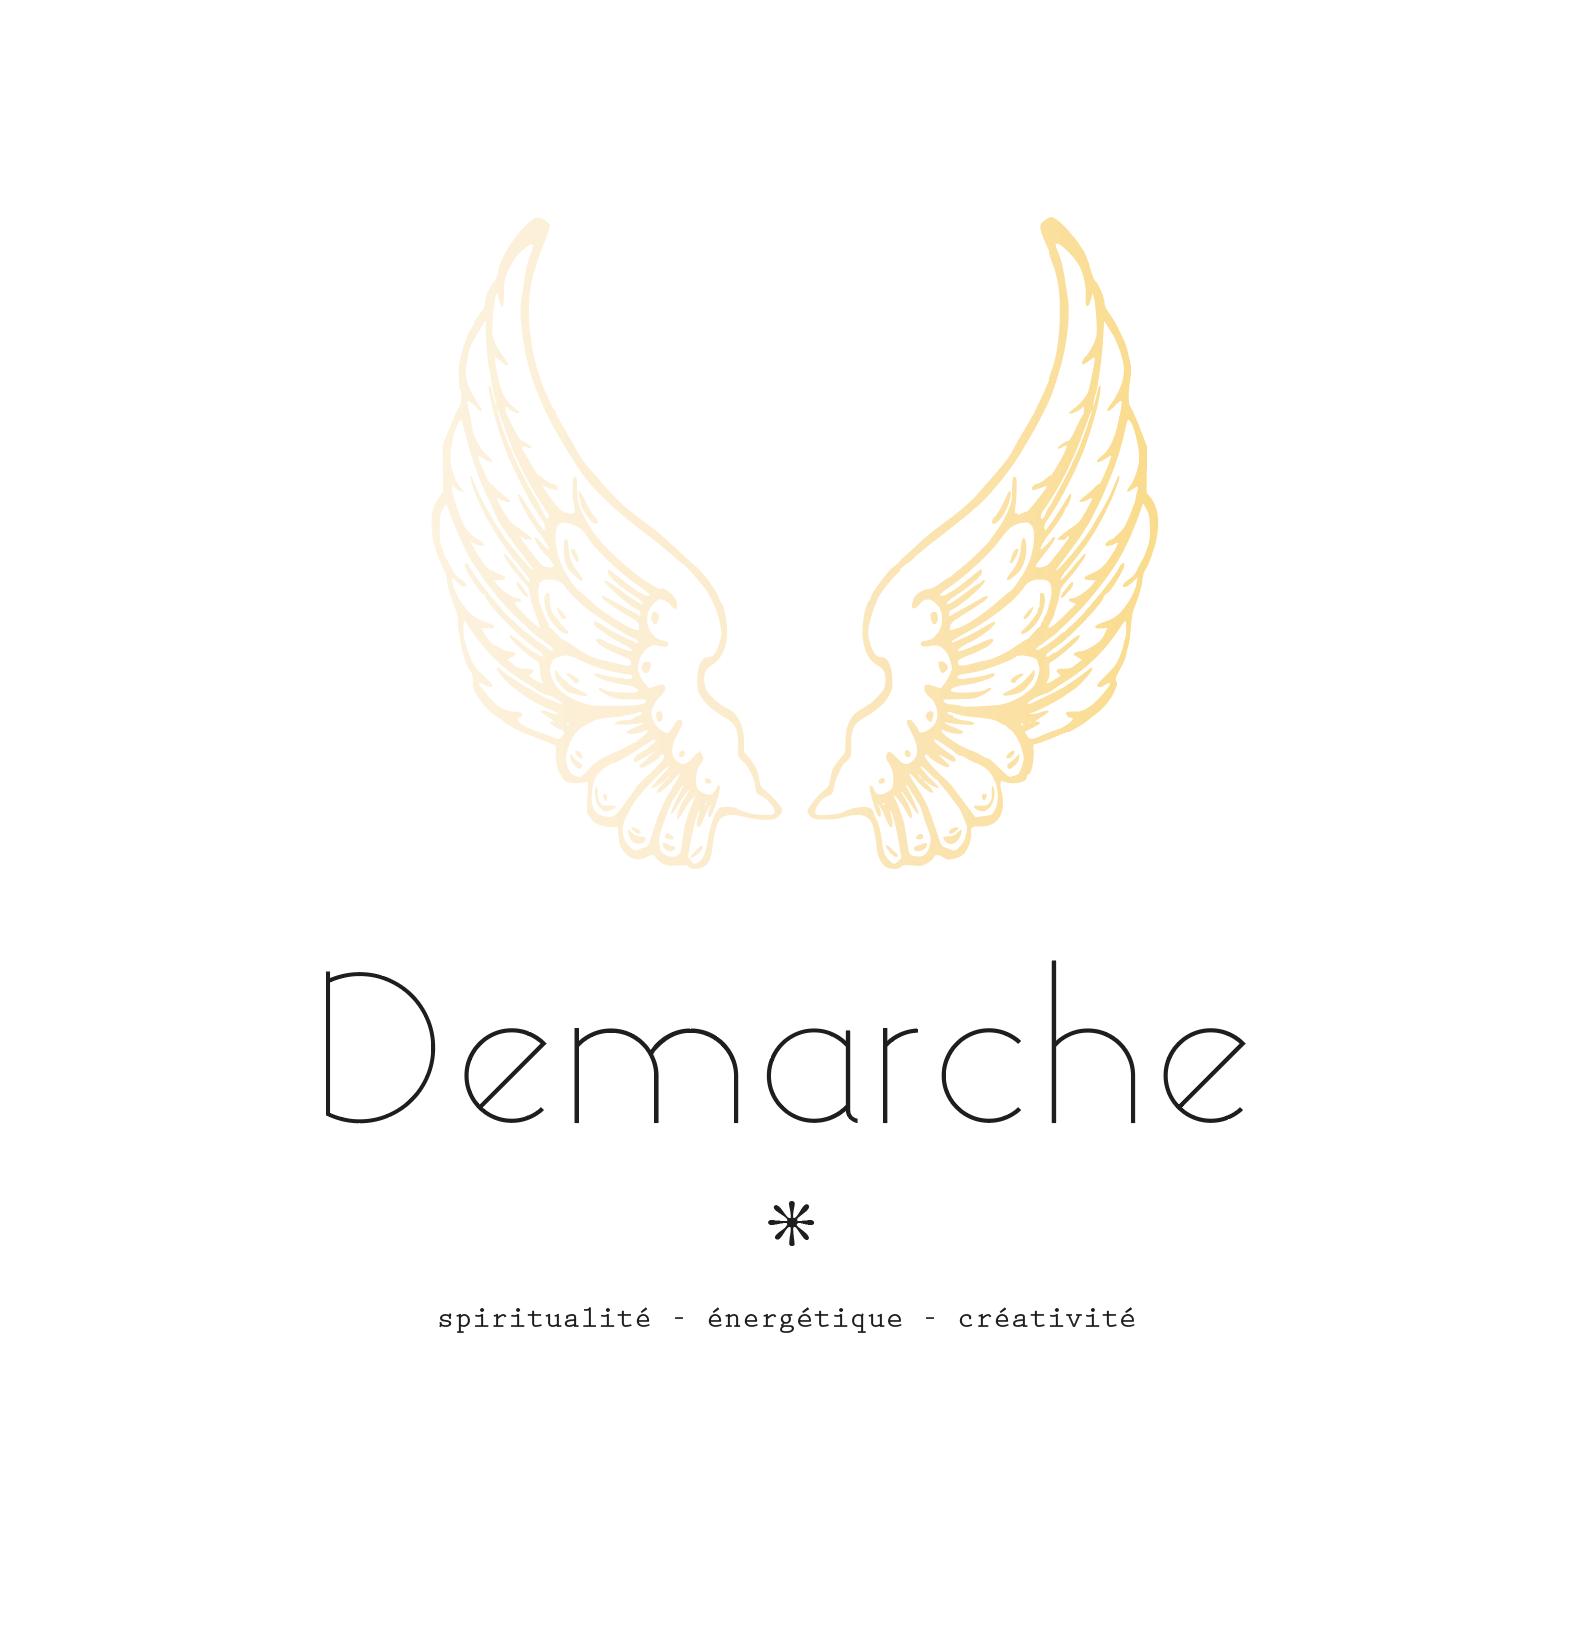 Proposition de logo 2 cabinet Démarche, Nathalie Perler, spiritualité, thérapies énergétiques